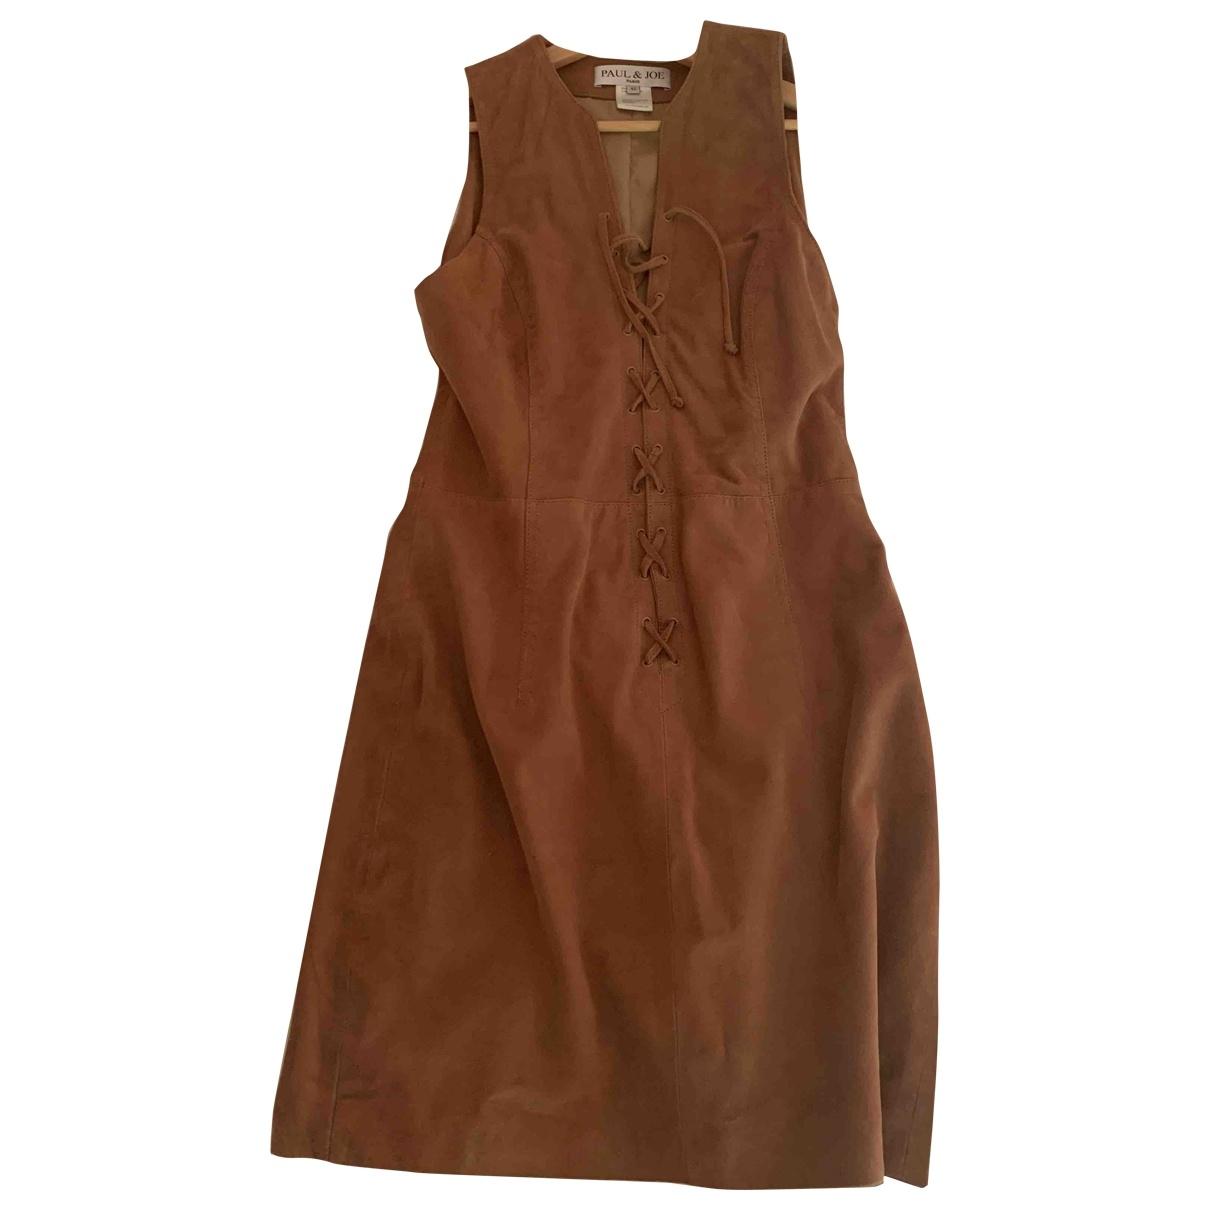 Paul & Joe \N Camel Suede dress for Women 42 FR